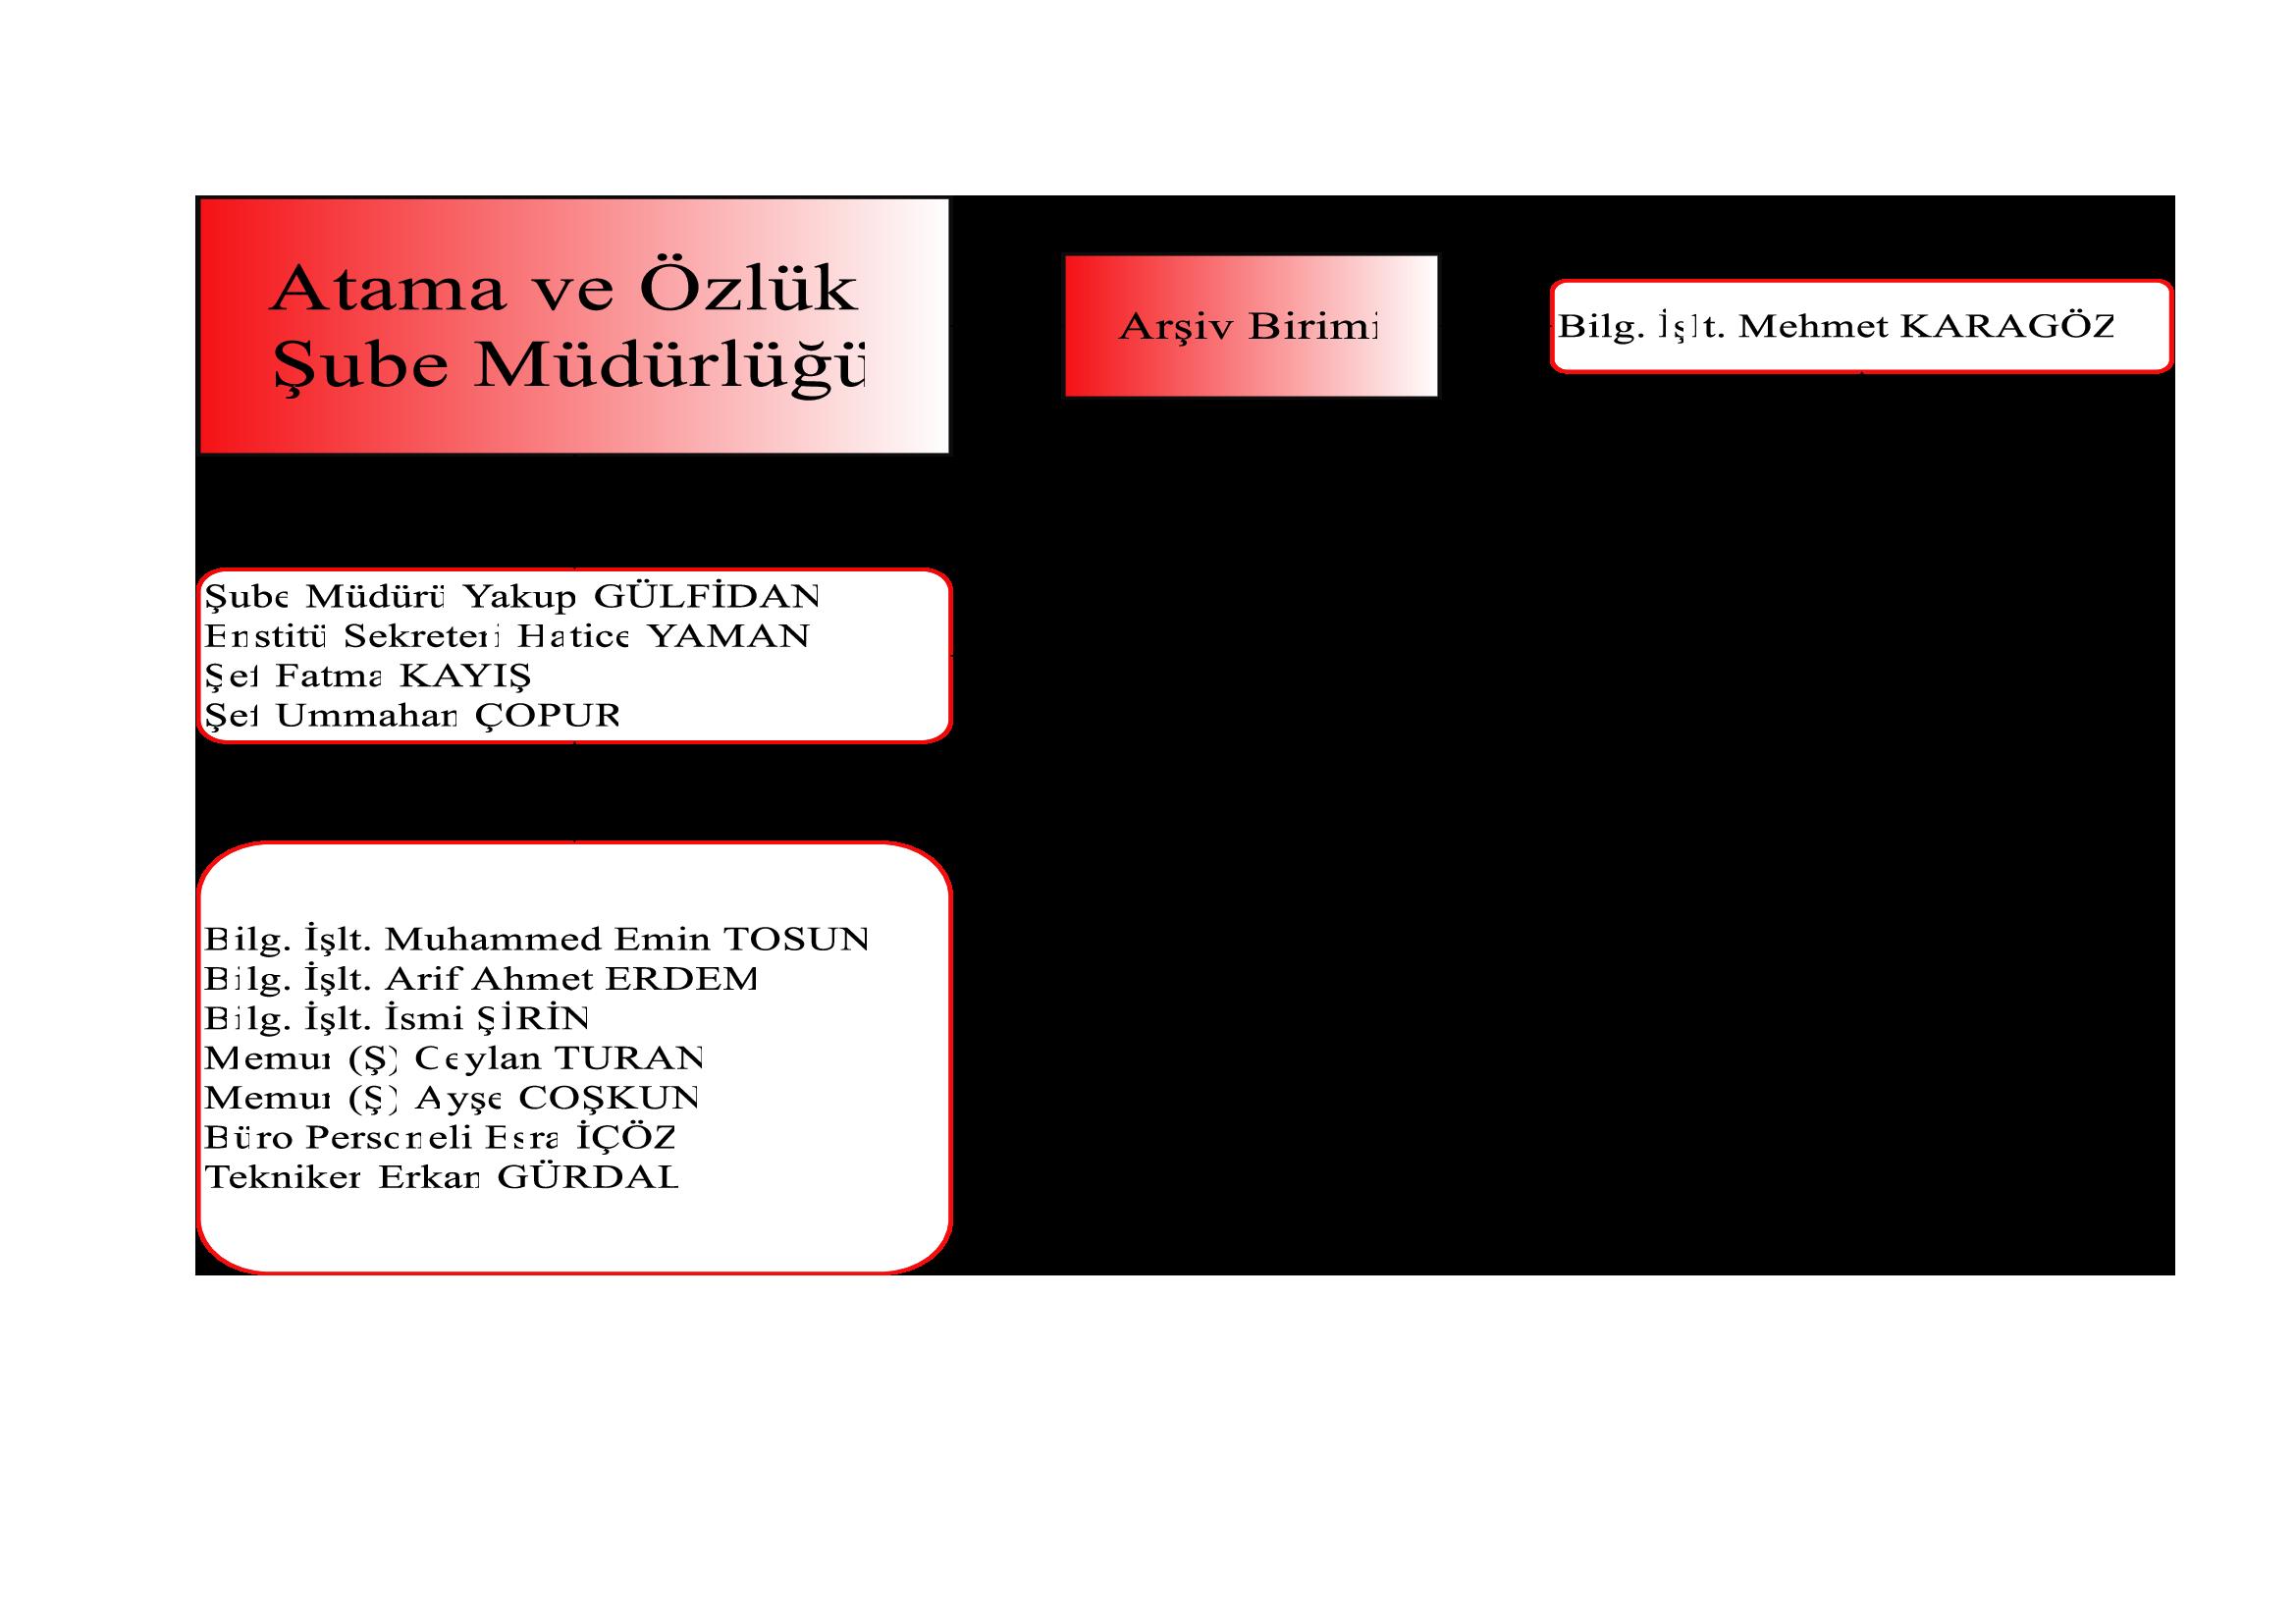 Atama ve Özlük Şube Müdürlüğü Organizasyon Şeması